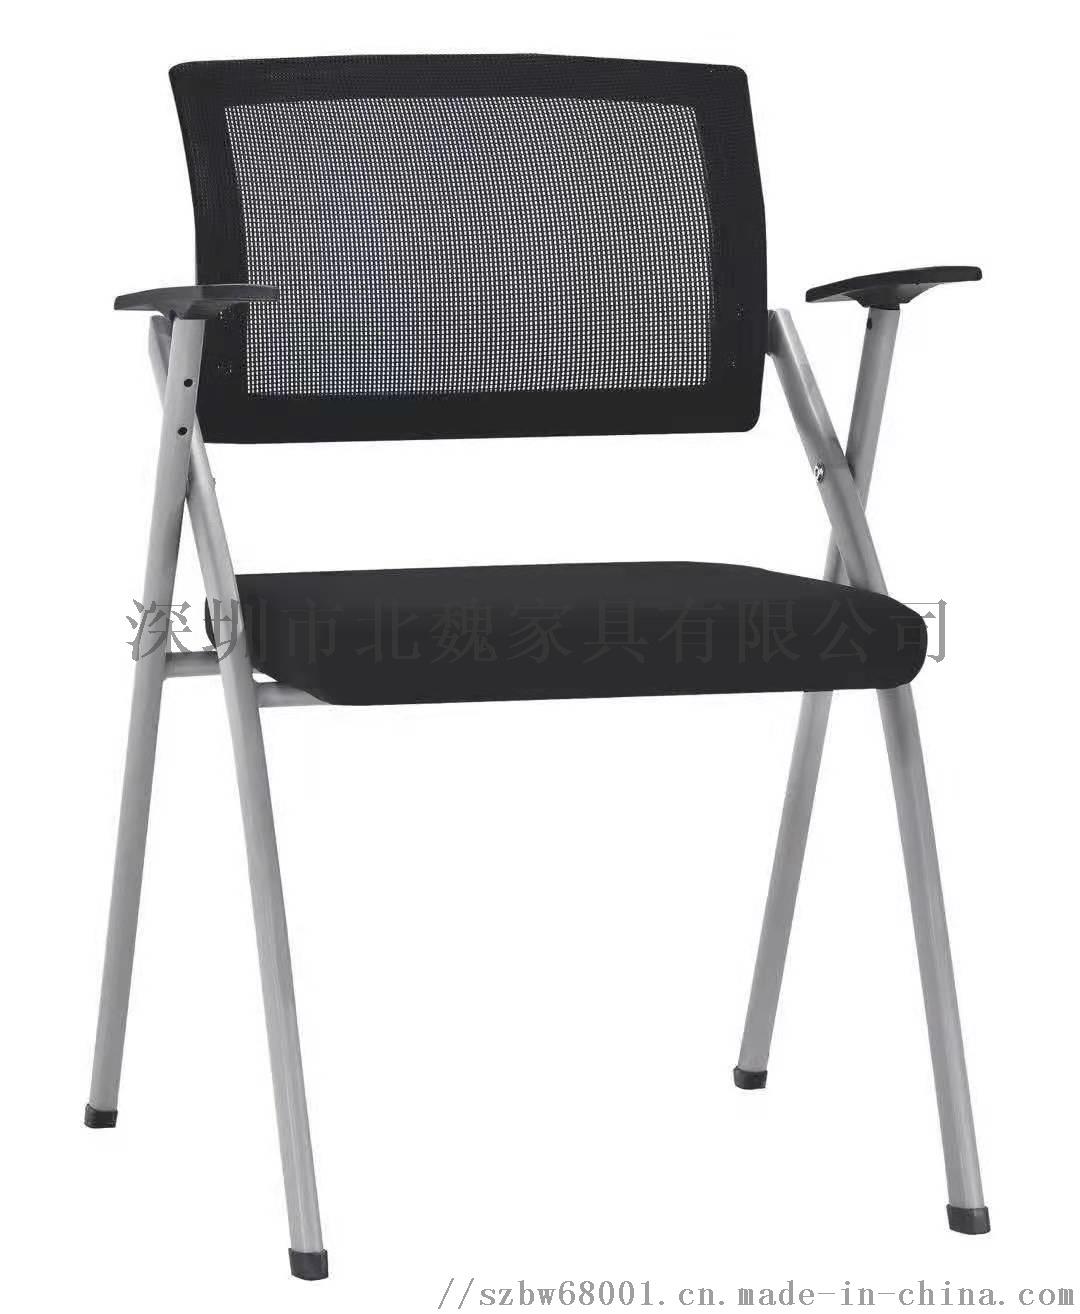 梯形书桌椅拼接梯形培训桌自由组合课桌椅124367795